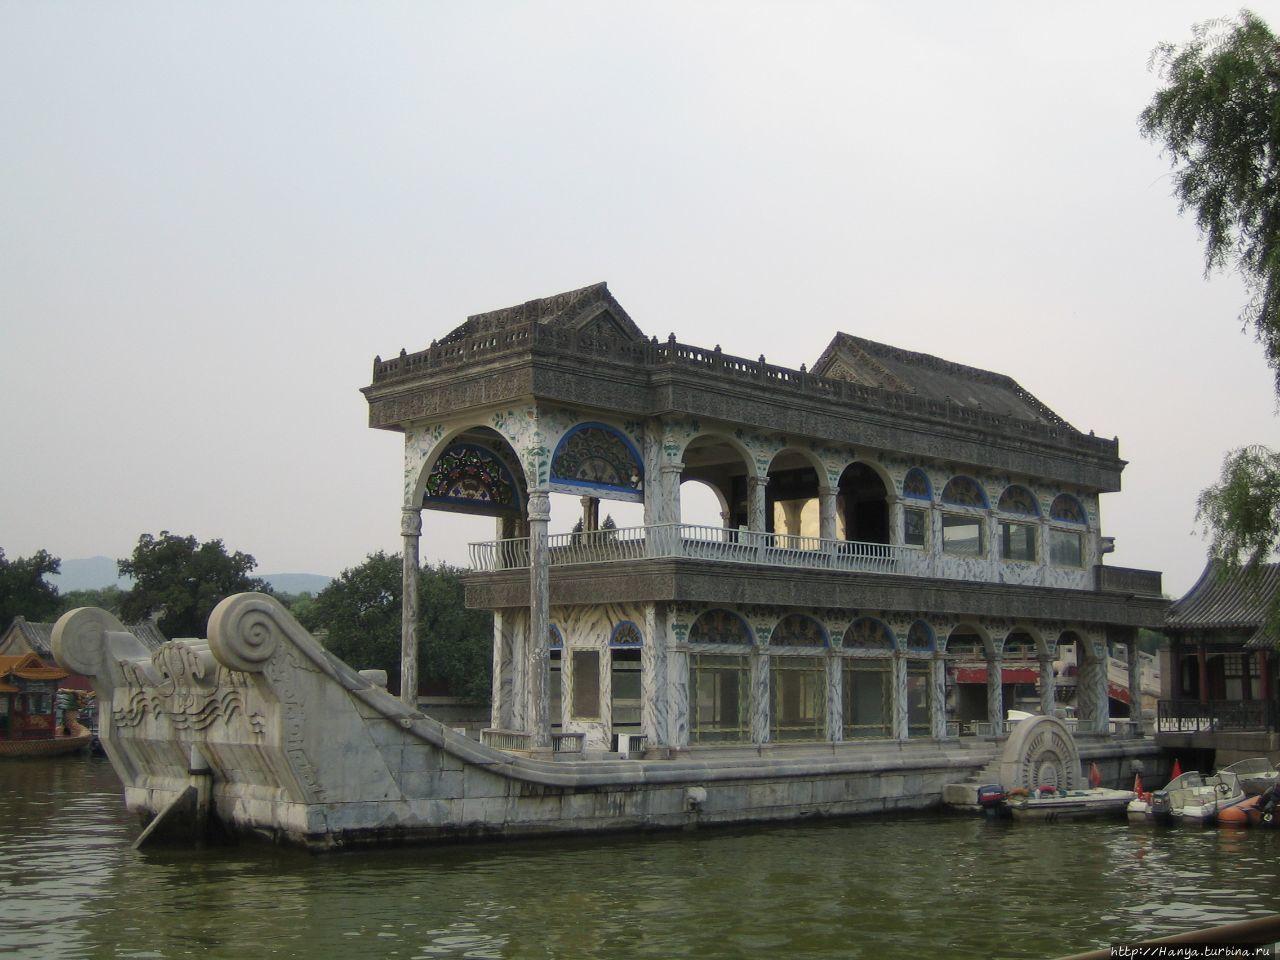 Мраморная лодка Цинъяньфа